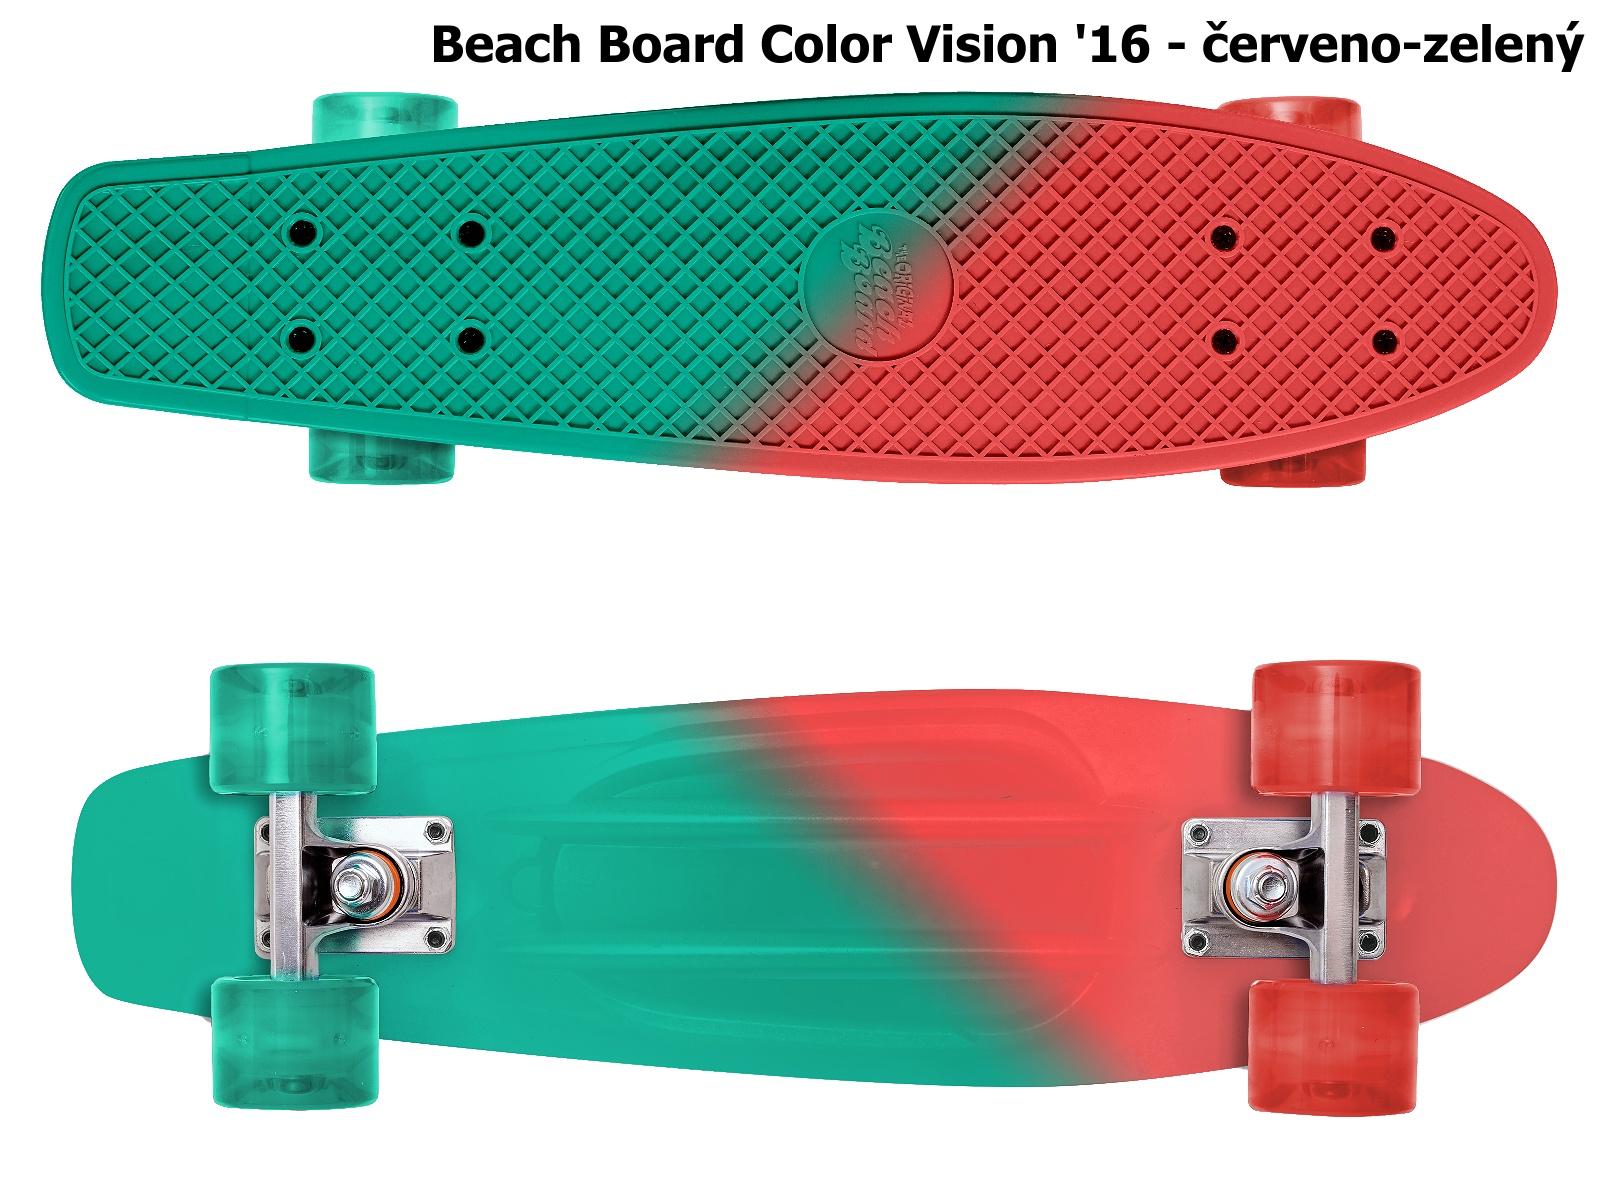 Skateboard STREET SURFING Beach Board Color Vision - červeno-zelený